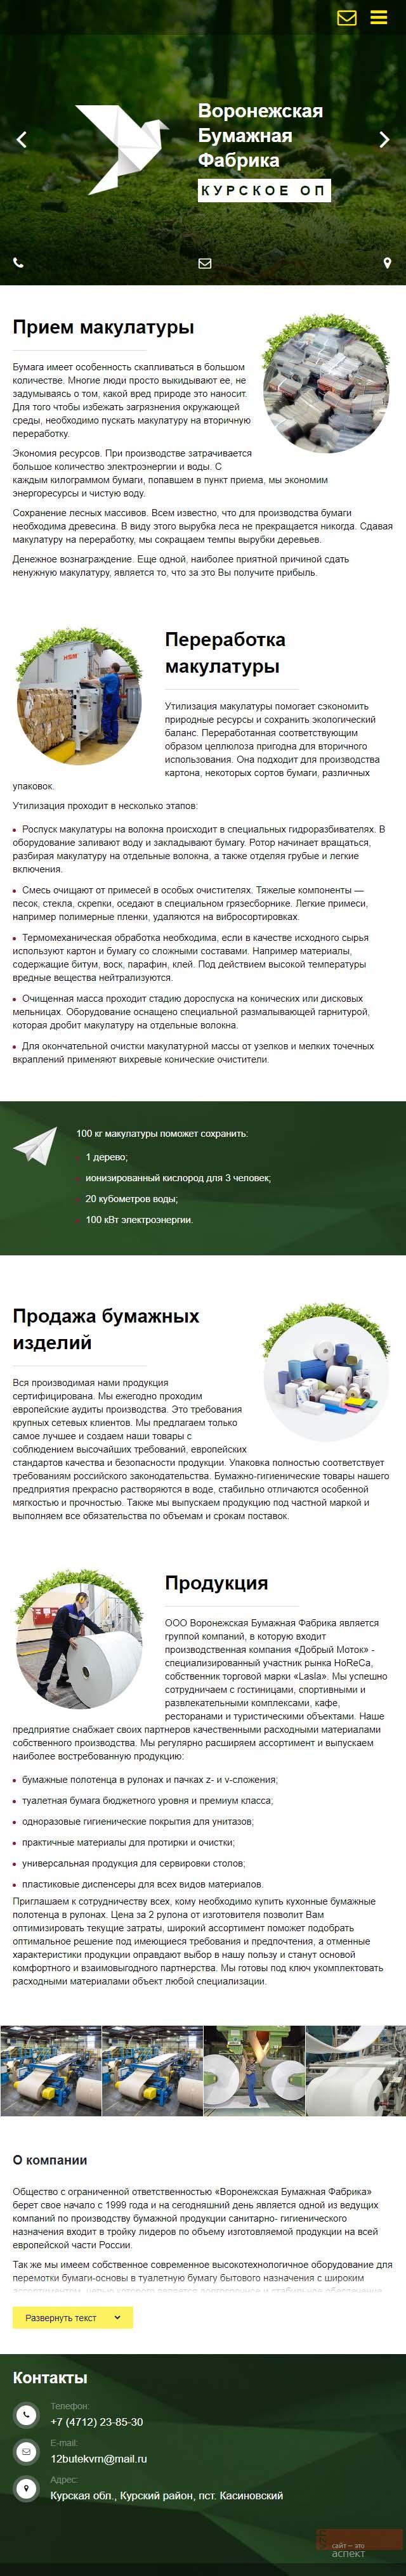 Воронежская Бумажная Фабрика 640 px